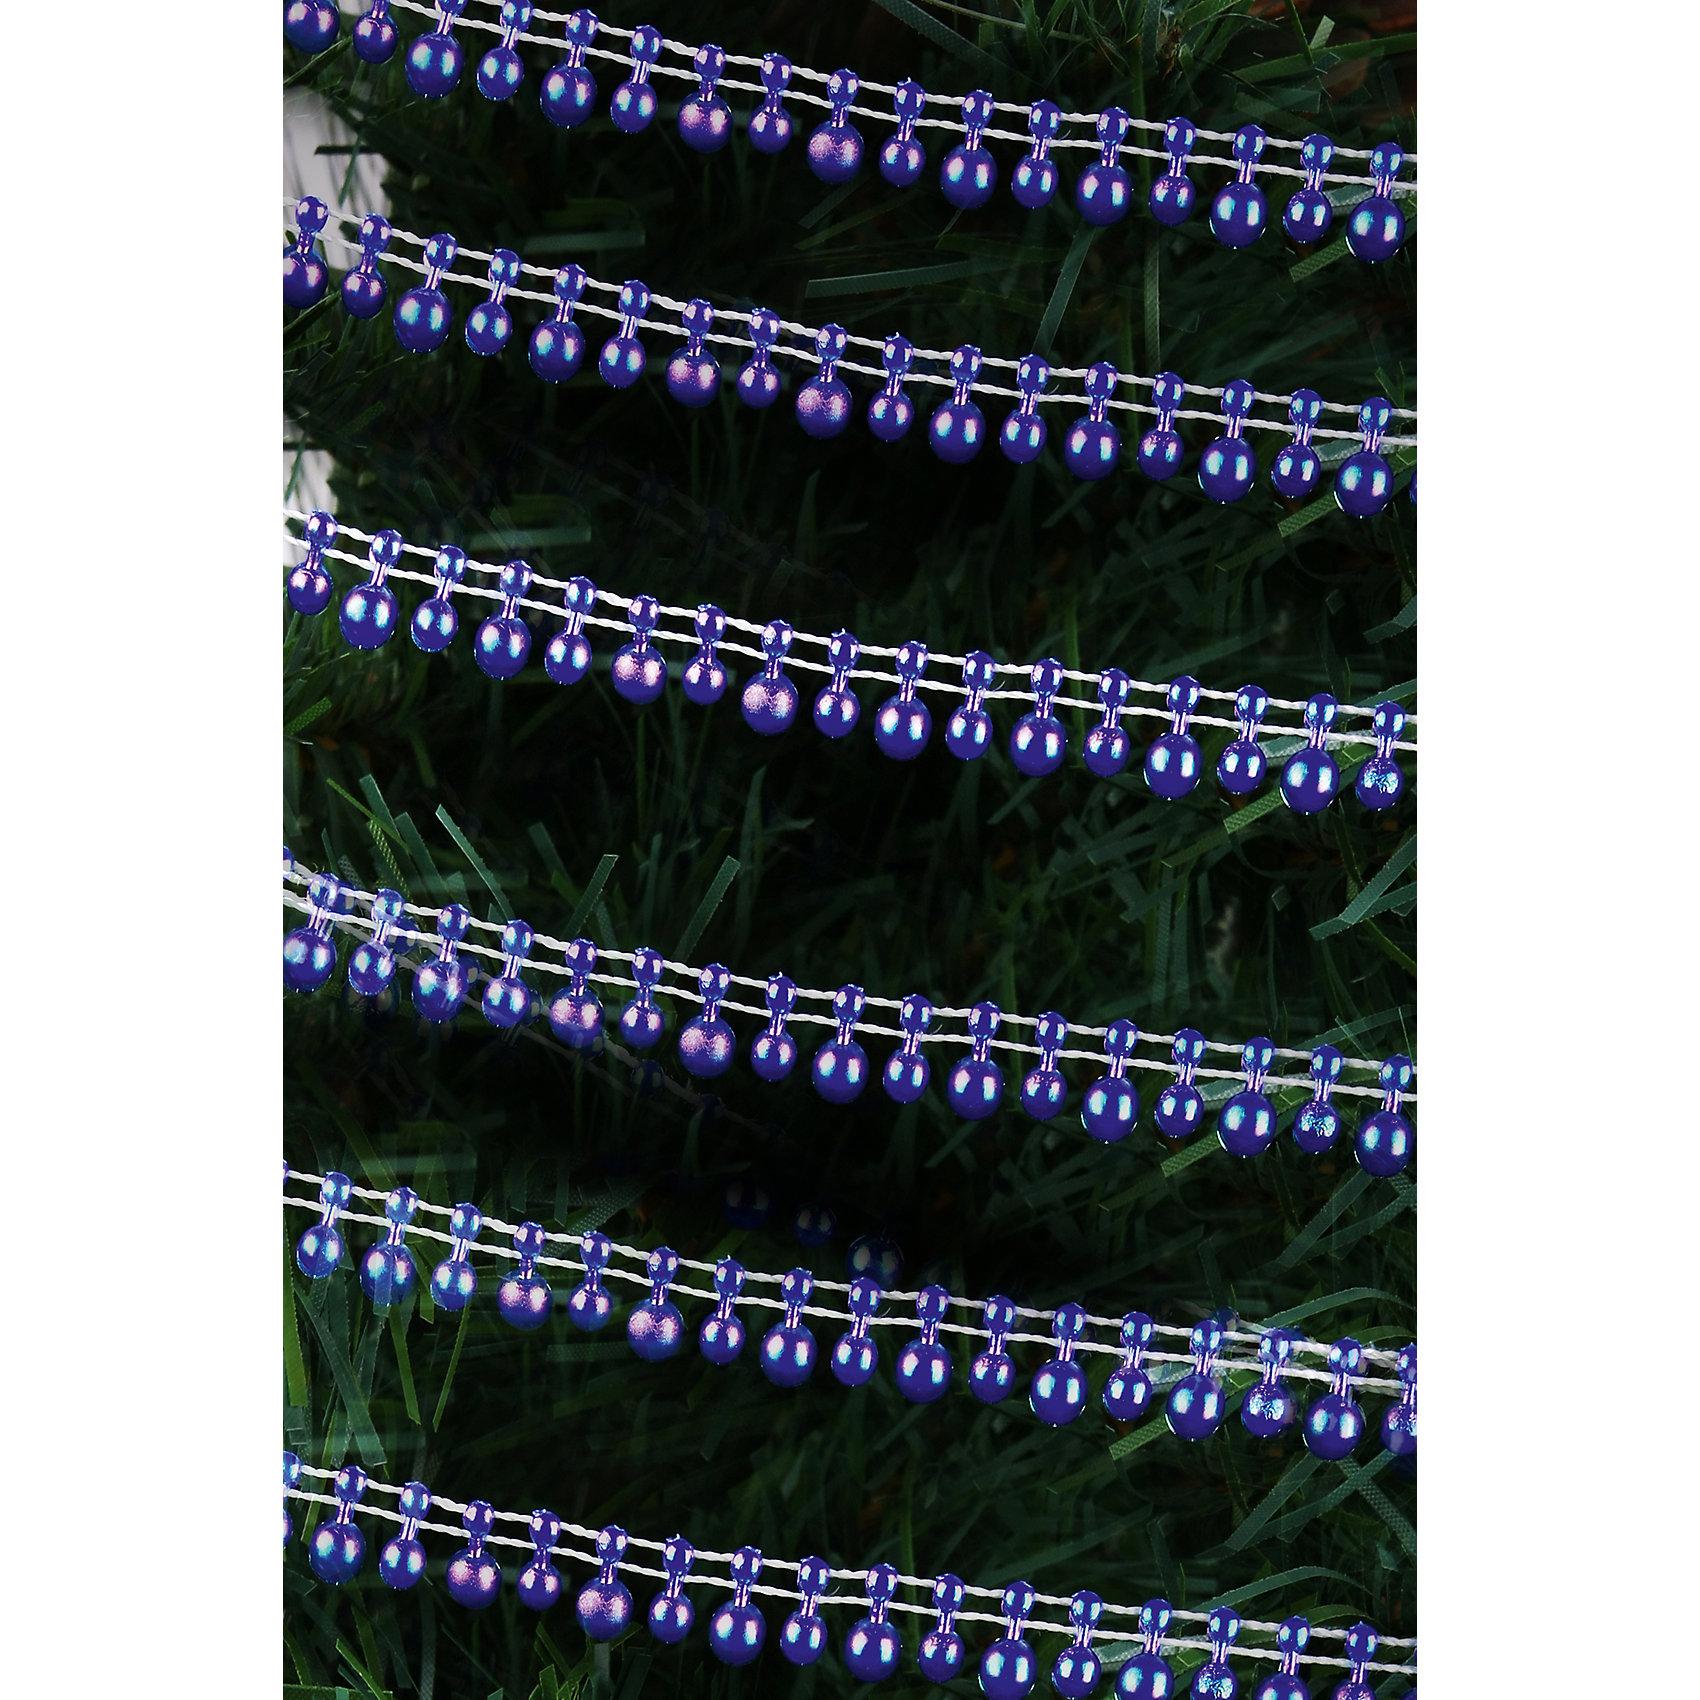 Гирлянда БусиныНовинки Новый Год<br>Гирлянда Бусы, Феникс-презент, станет замечательным украшением Вашей новогодней елки или интерьера и поможет создать праздничную волшебную атмосферу. Оригинальная гирлянда из синих пластиковых бусинок будет чудесно смотреться на елке и радовать детей и<br>взрослых. <br><br>Дополнительная информация:<br><br>- Цвет: синий.<br>- Материал: пластик.<br>- Длина гирлянды: 2,7 м.<br>- Размер упаковки: 9 х 26 х 3 см.<br><br>Гирлянду Бусы, Феникс-презент, можно купить в нашем интернет-магазине.<br><br>Ширина мм: 500<br>Глубина мм: 250<br>Высота мм: 800<br>Вес г: 100<br>Возраст от месяцев: 36<br>Возраст до месяцев: 2147483647<br>Пол: Унисекс<br>Возраст: Детский<br>SKU: 4274679